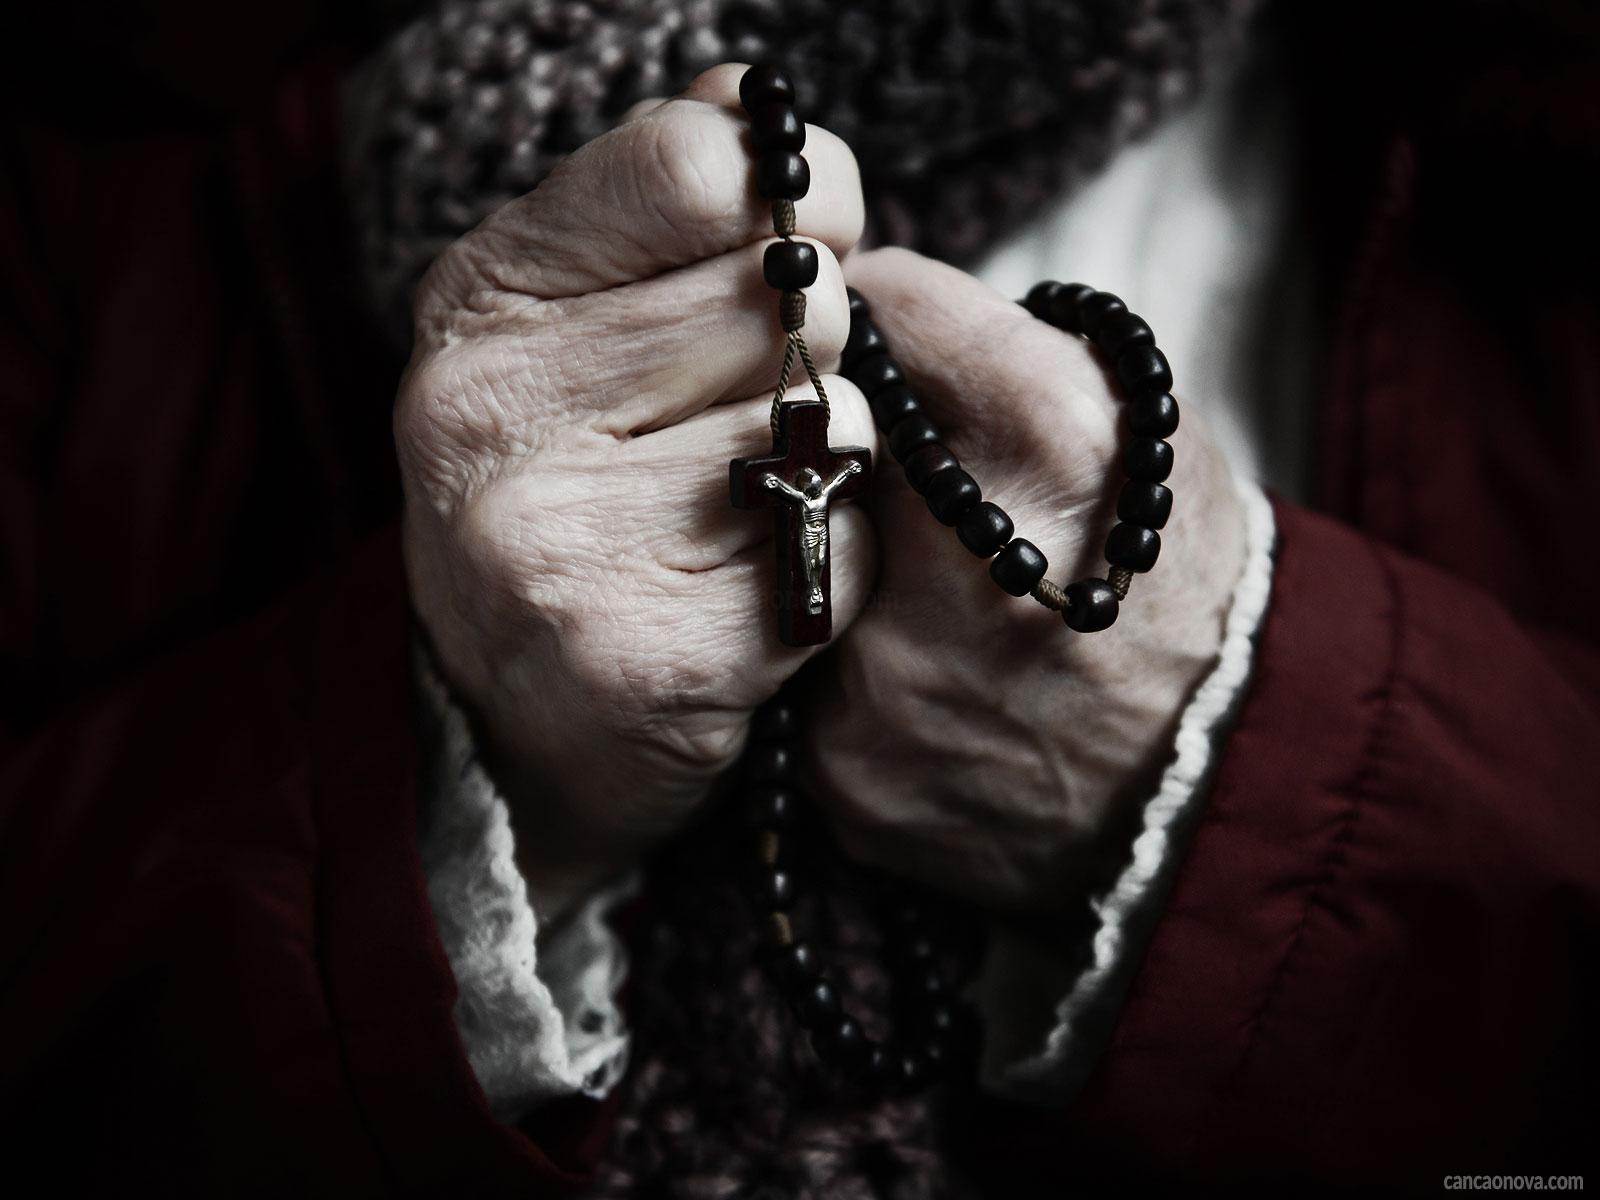 -Sete-dicas-para-rezar-frutuosamente-o-rosário-segundo-João-Paulo-II-